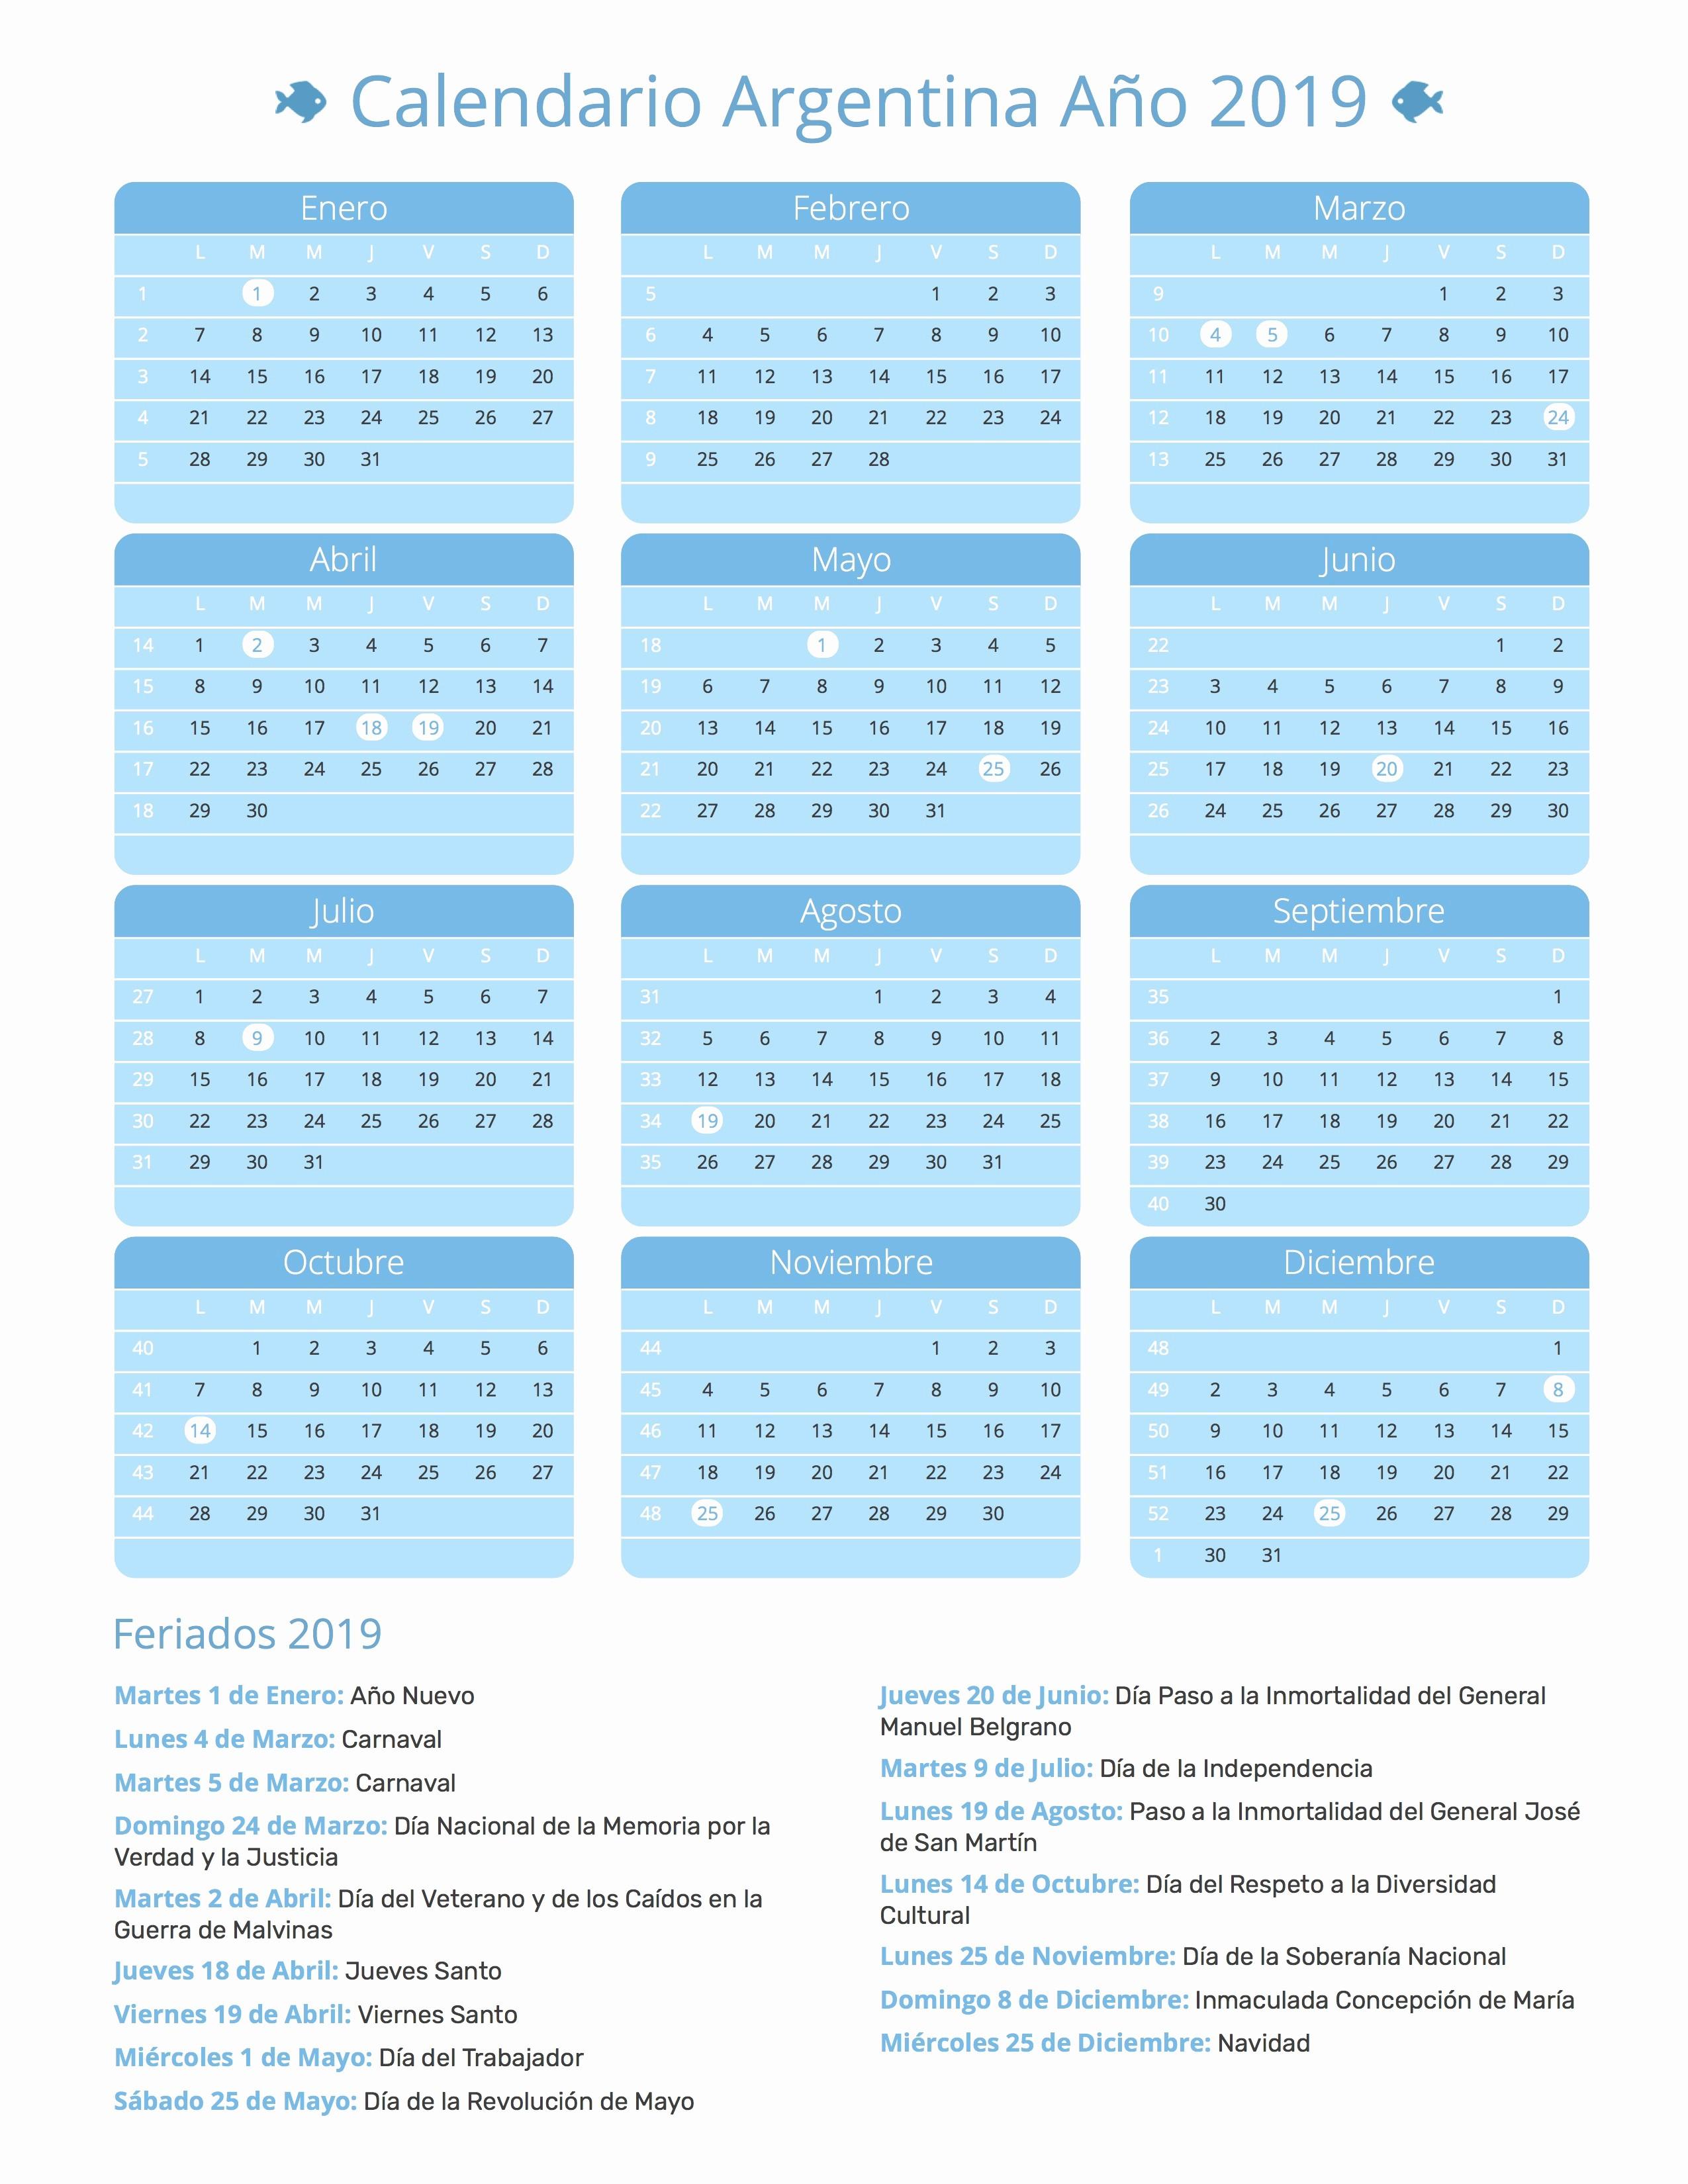 Calendario 2019 Argentina Más Recientes Cada Cuanto Se Repiten Los Calendarios 2019 Para Que Estes Al Dia Of Calendario 2019 Argentina Mejores Y Más Novedosos Sin Embargo Este Es Calendario Academico 2019 Argentina